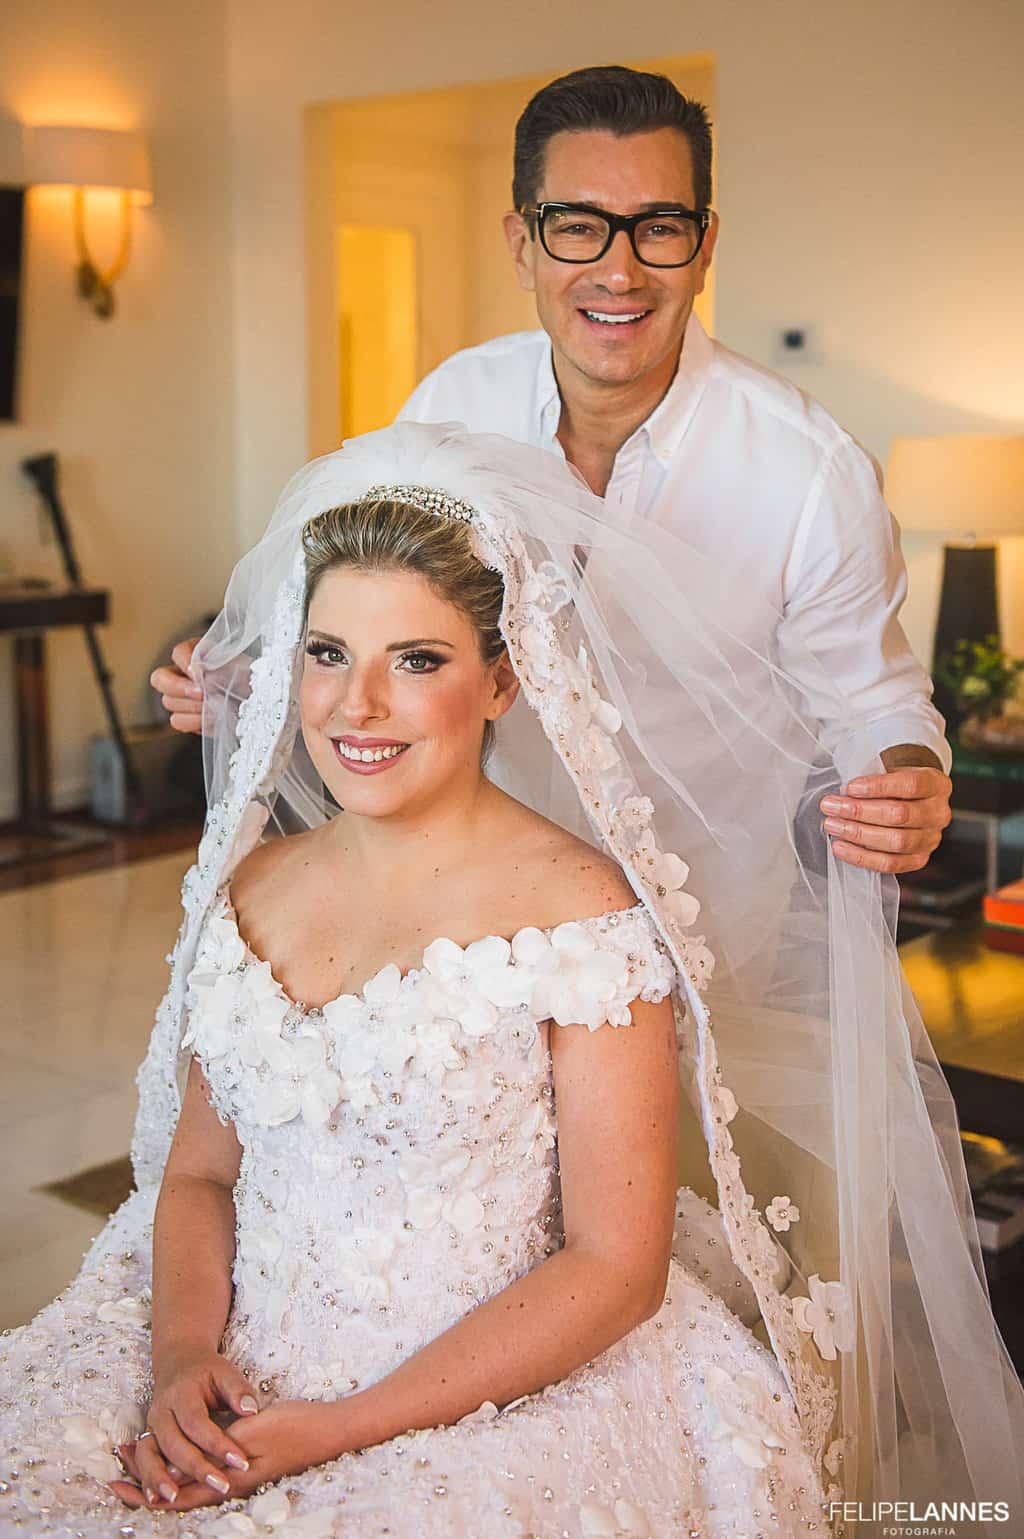 Casamento-Beatrice-e-Luiz-Augusto-casamento-classico-fotografia-Felipe-Lannes-making-of30